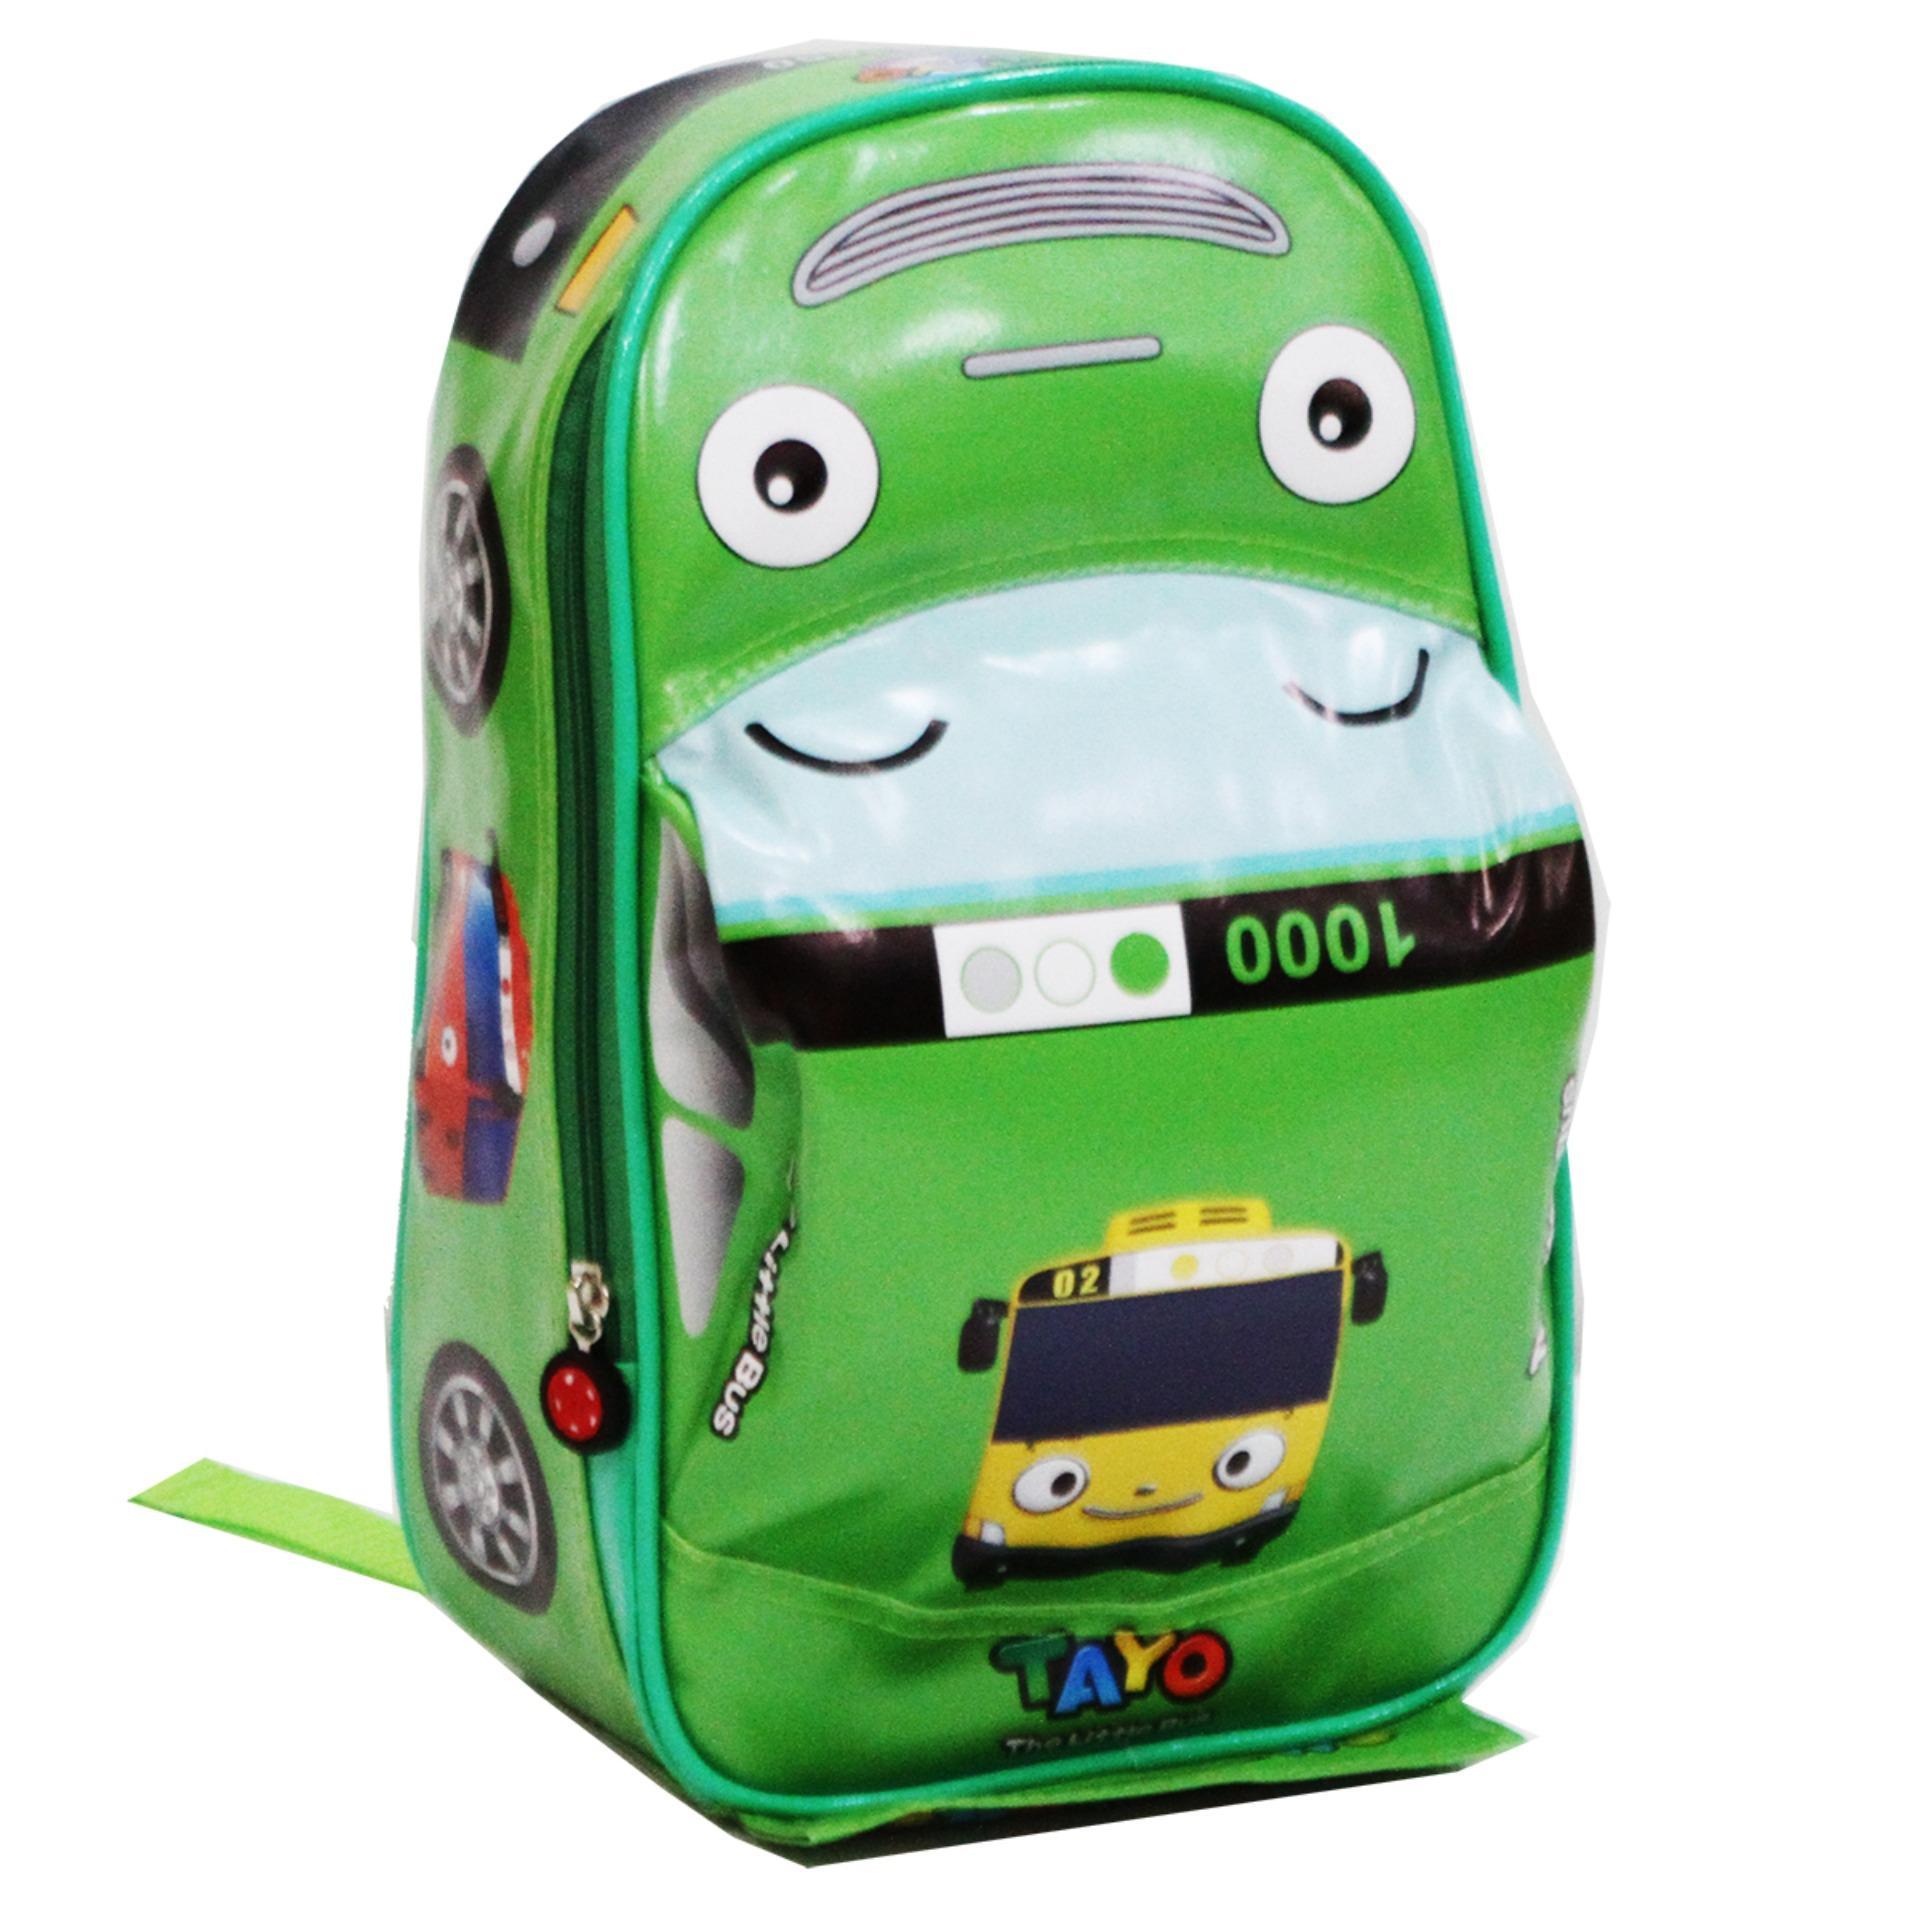 Harga Jual Tas Ransel Anak Balita Bentuk Mobil Cars Mcqueen 75000 3d Mc Queen Onlan Sekolah Paut Motif Bus Tayo Bahan Sponge Tahan Air Unik